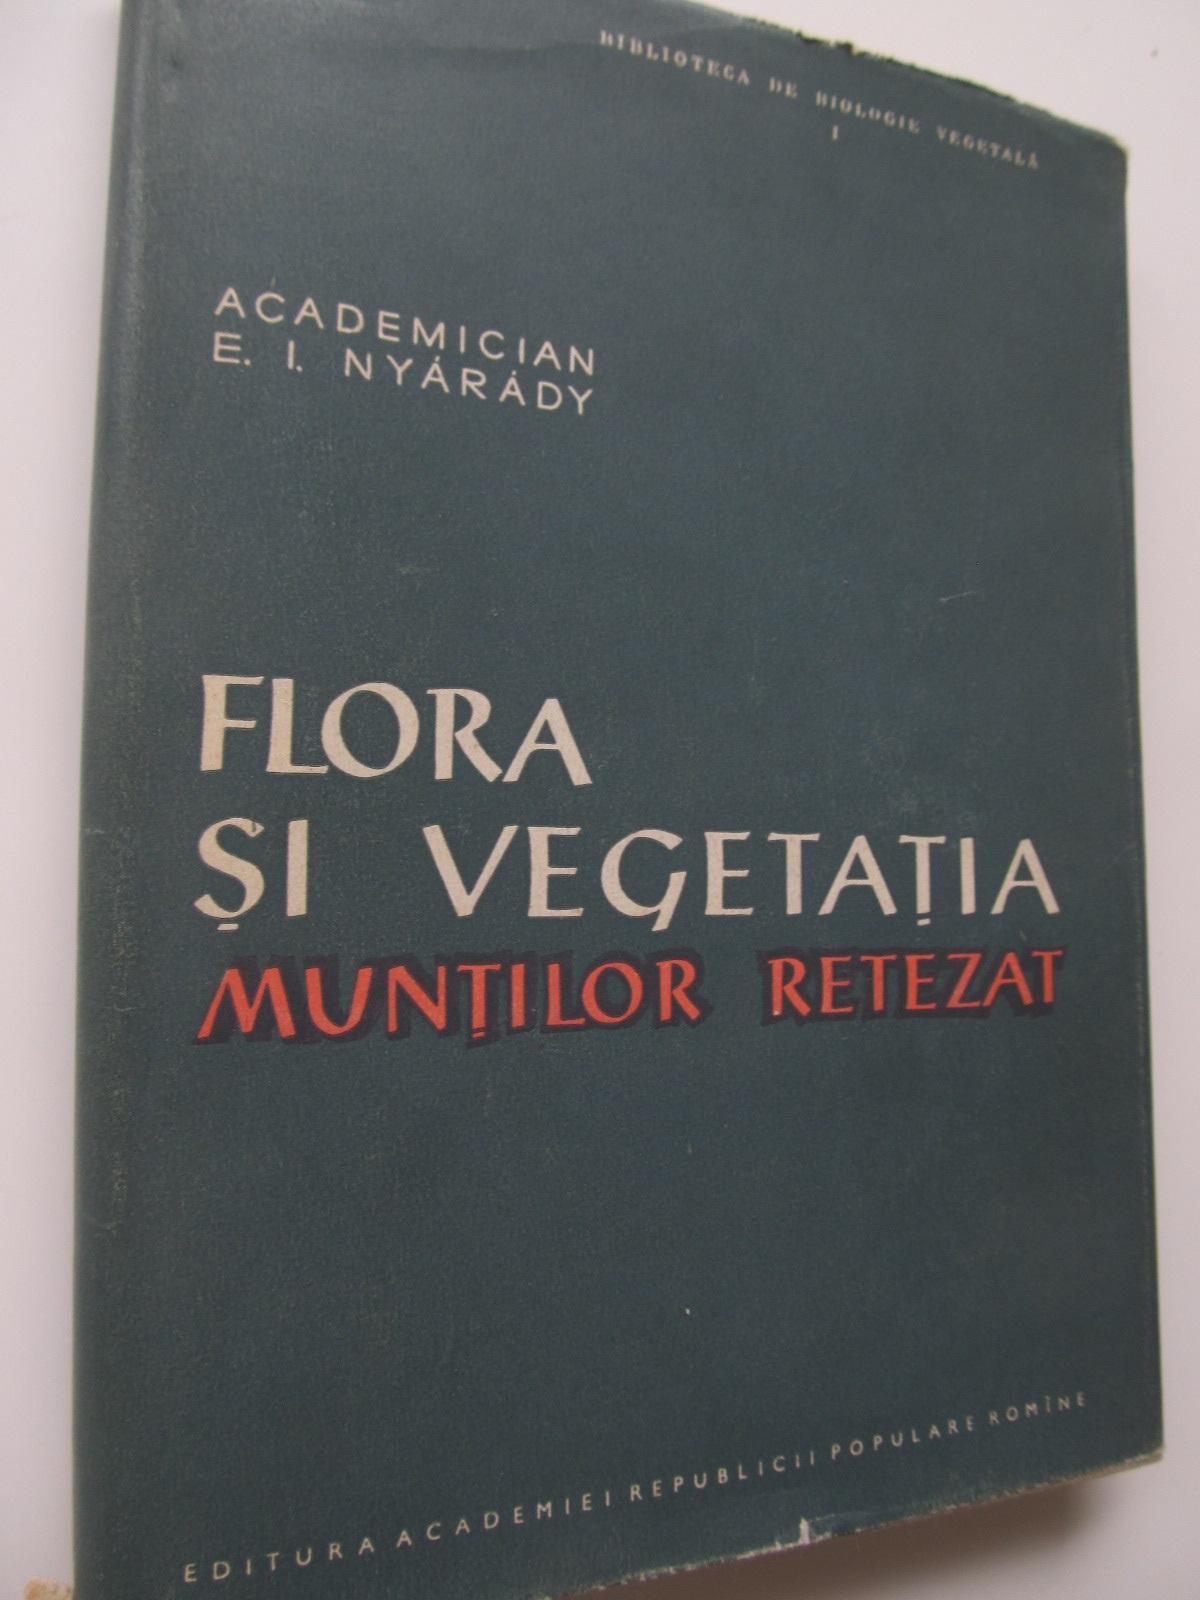 Carte Flora si vegetatia muntilor Retezat - E. I. Nyarady